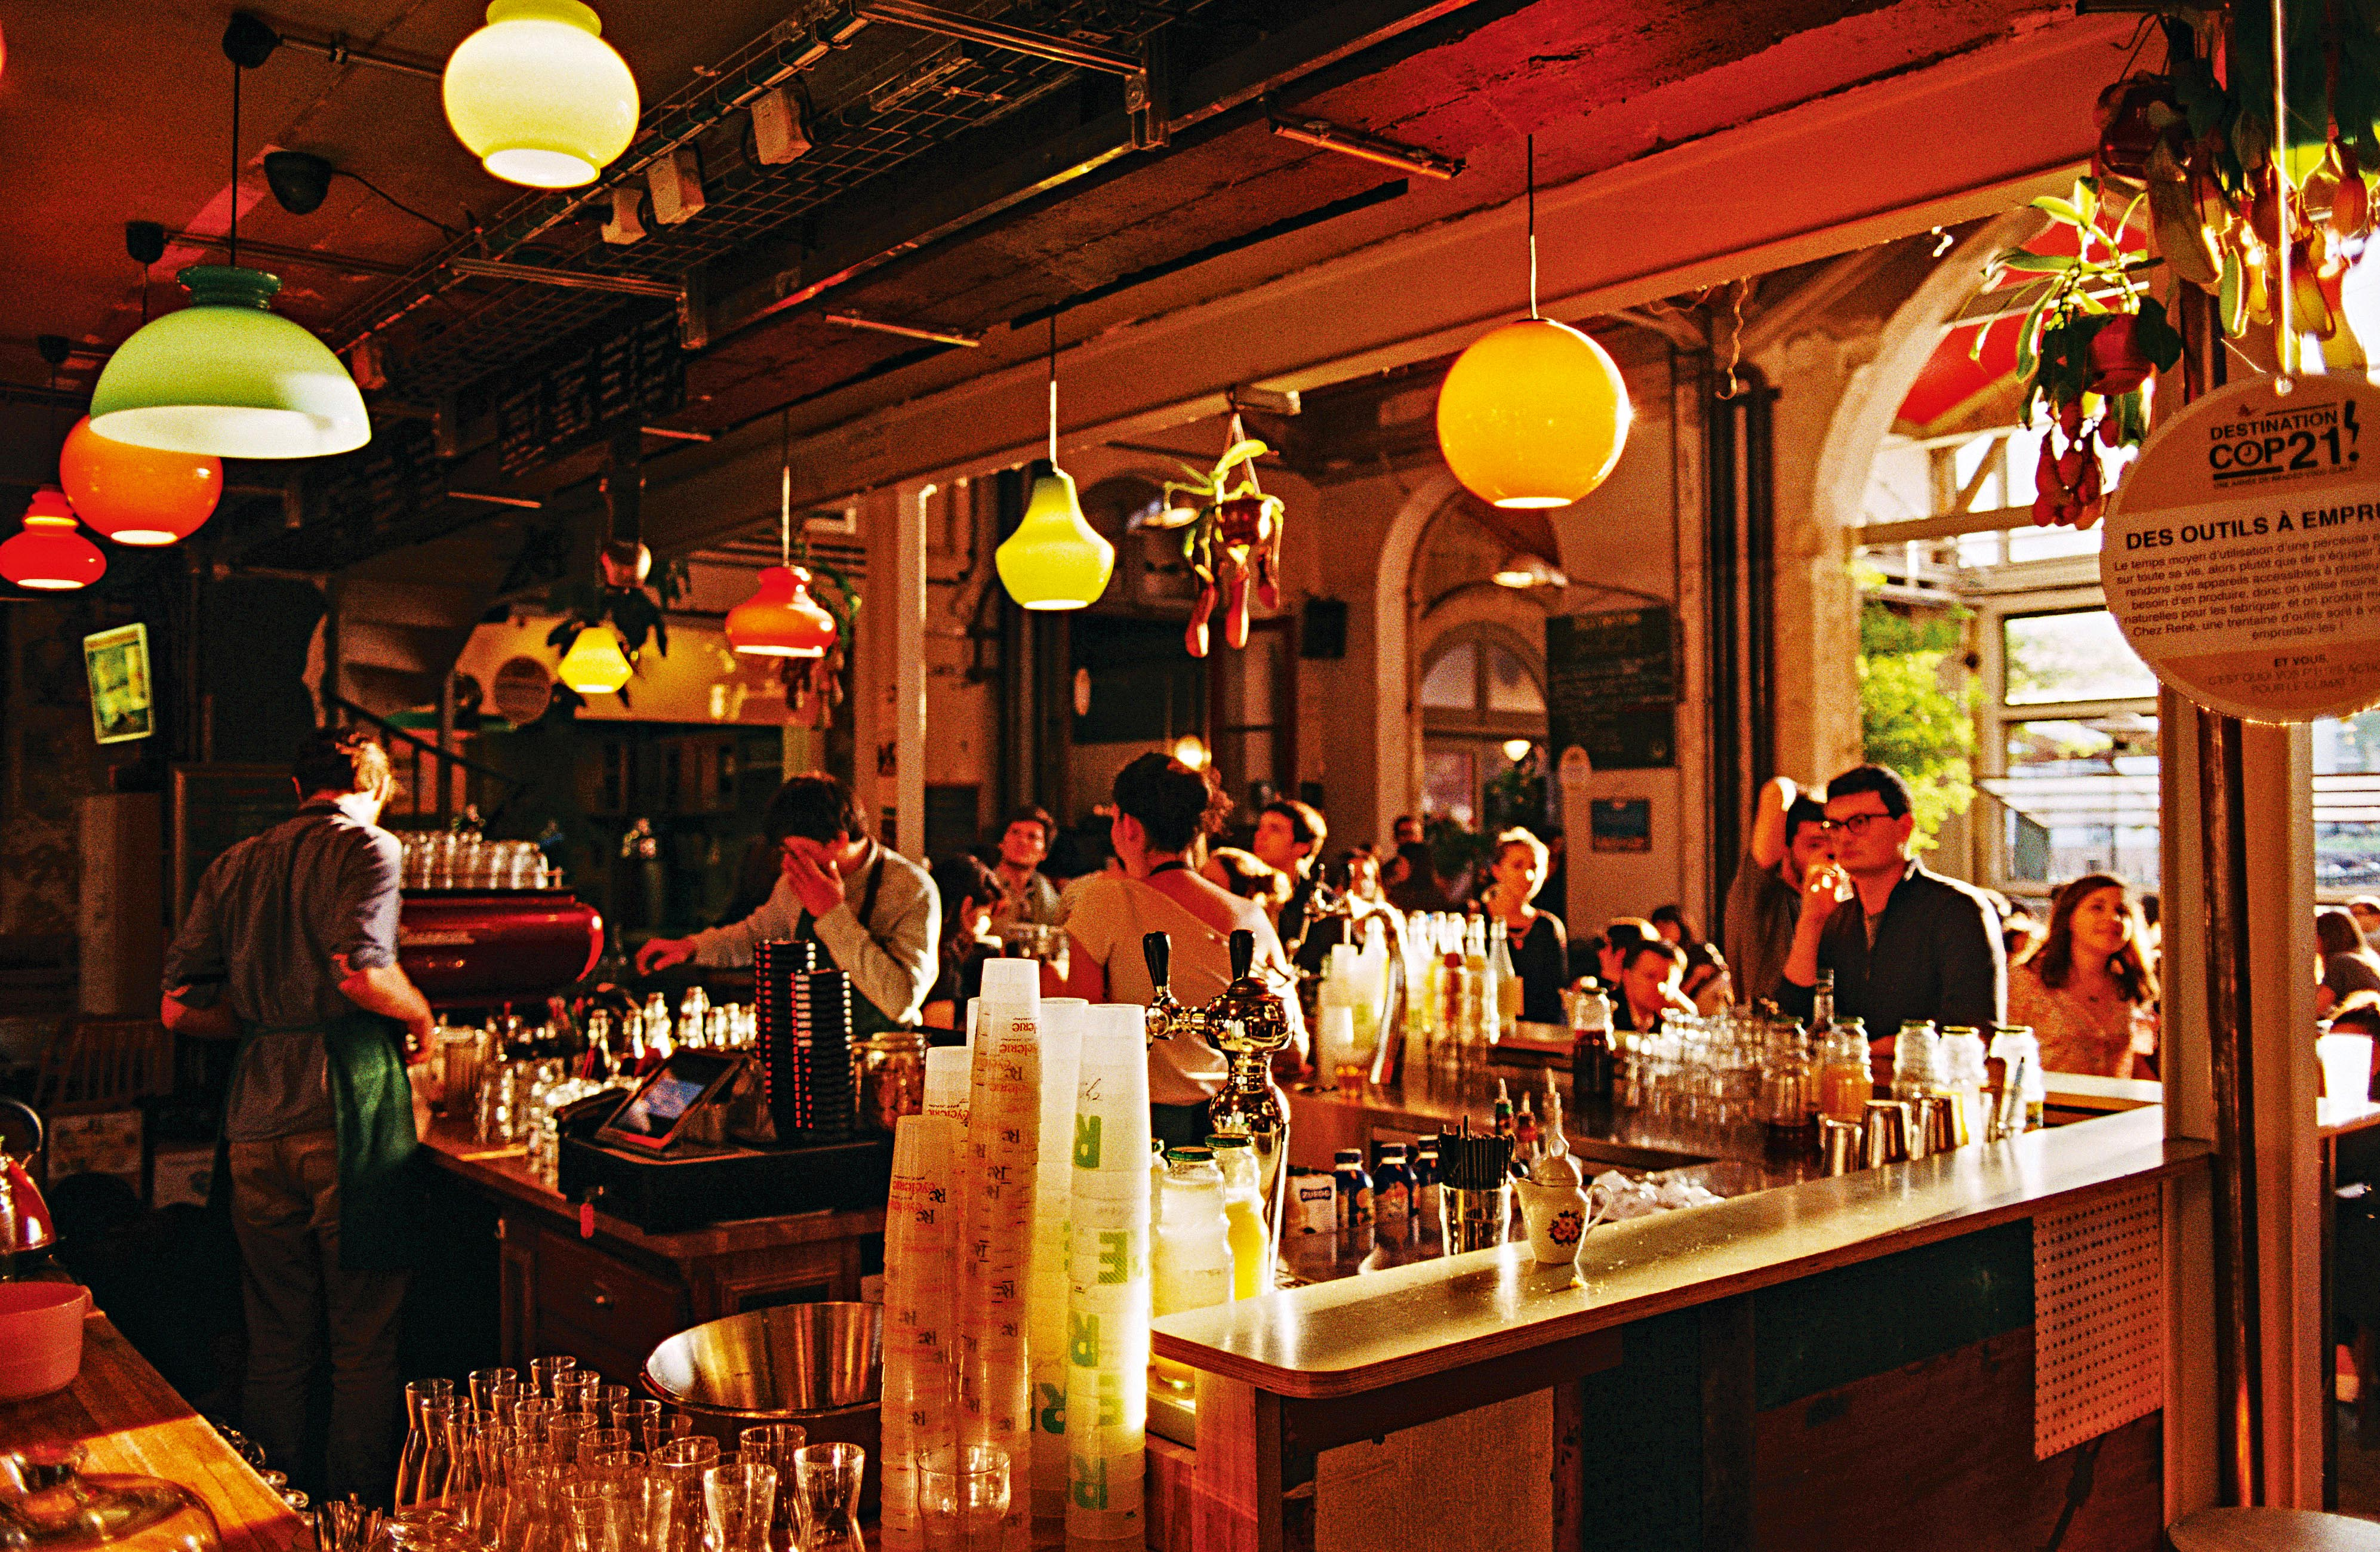 Um bar cheio de clientes, visto da parte lateral do balcão e de frente para a porta, por onde entra a luz do sol.